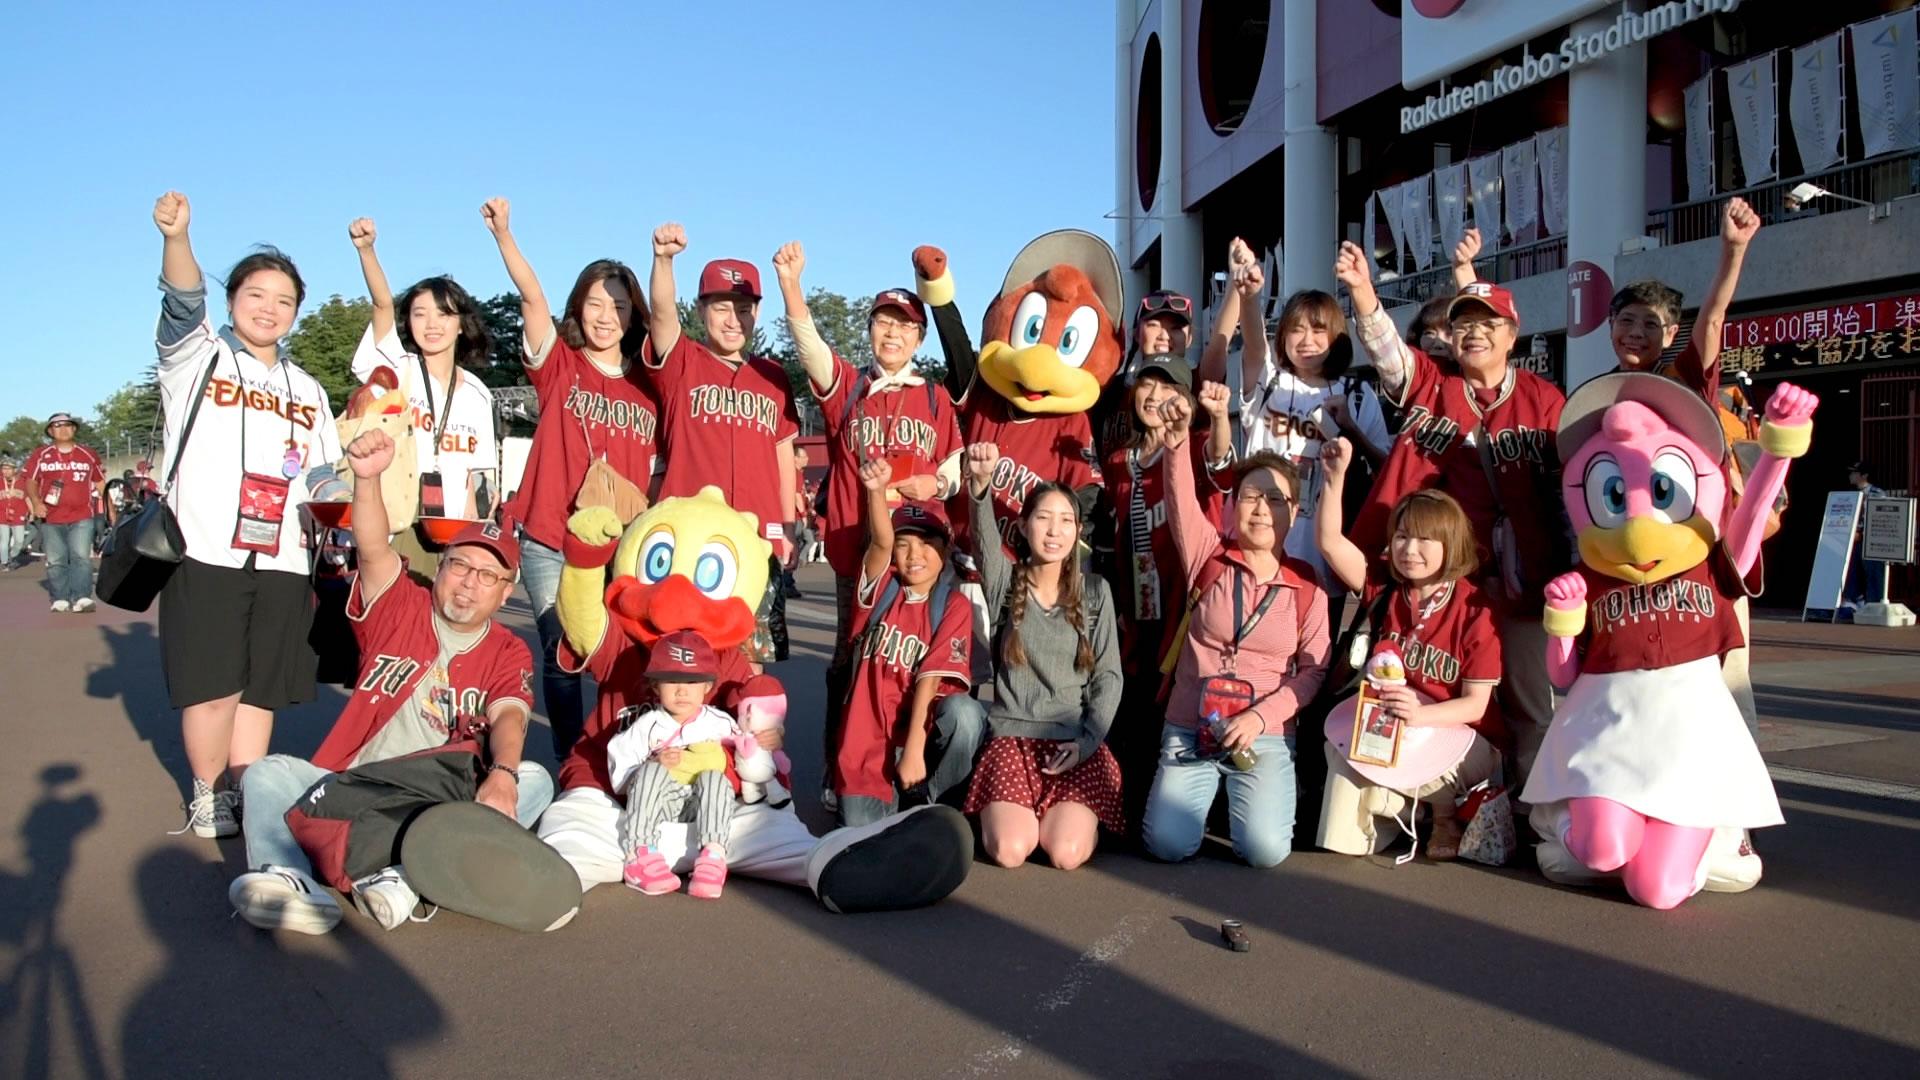 楽天イーグルス 日本一に向けてクライマックスシリーズがはじまる!ファンからの激励メッセージ